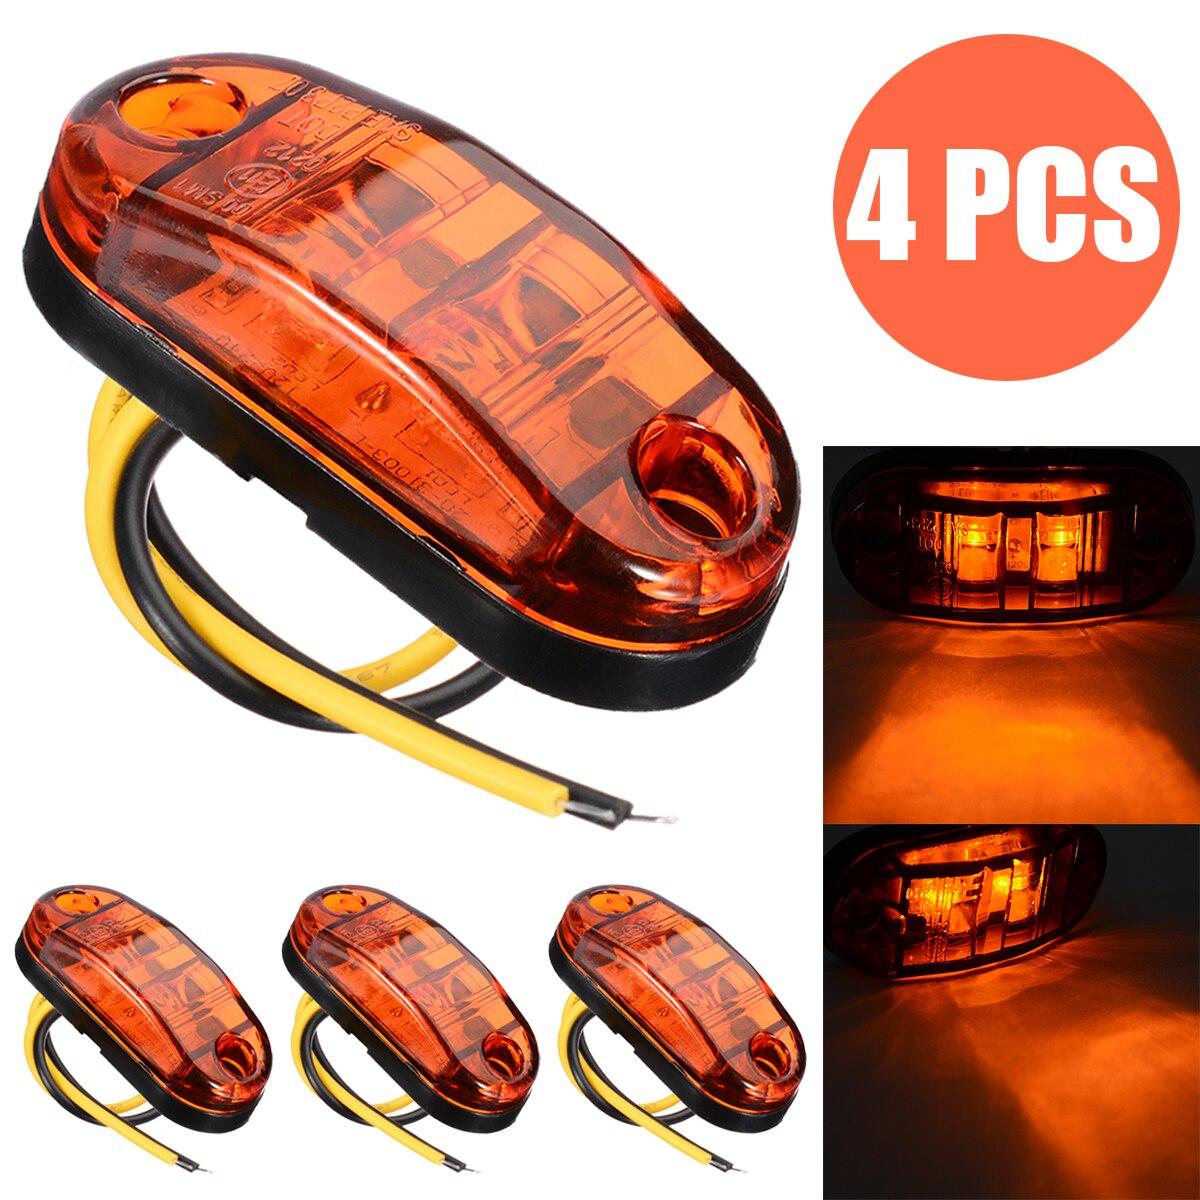 4pcs/set 12V/24V 2LED Amber Side Marker Light For Car Trailer Truck Waterproof Indicator